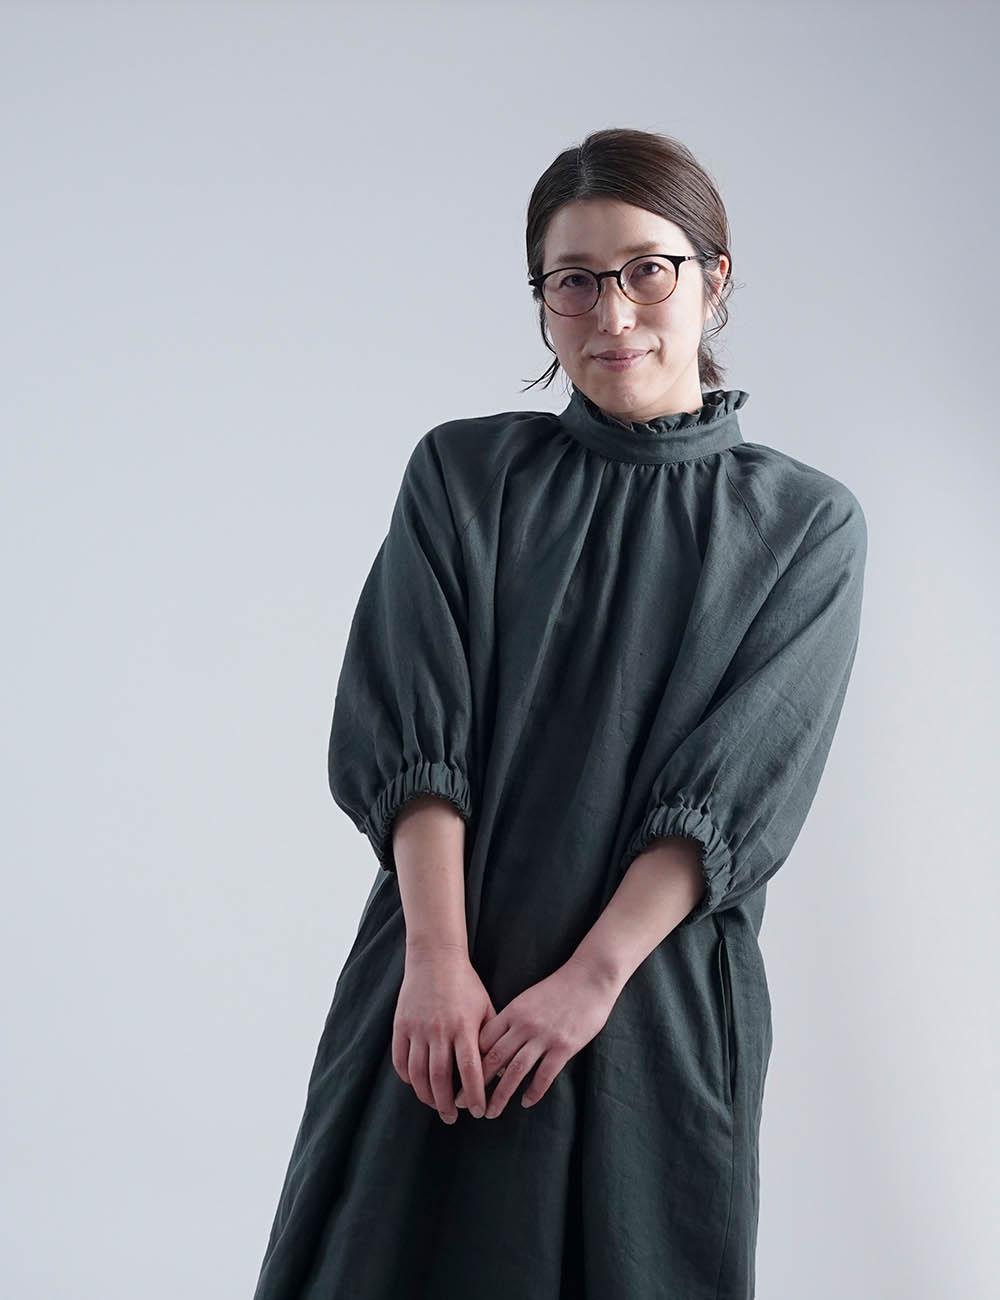 【7月8日21時~販売開始!】wafu premium linen - Ruffle neck Dress フリル ギャザー ワンピース 中厚地 /ヴェールフォンセ a088f-vfs2